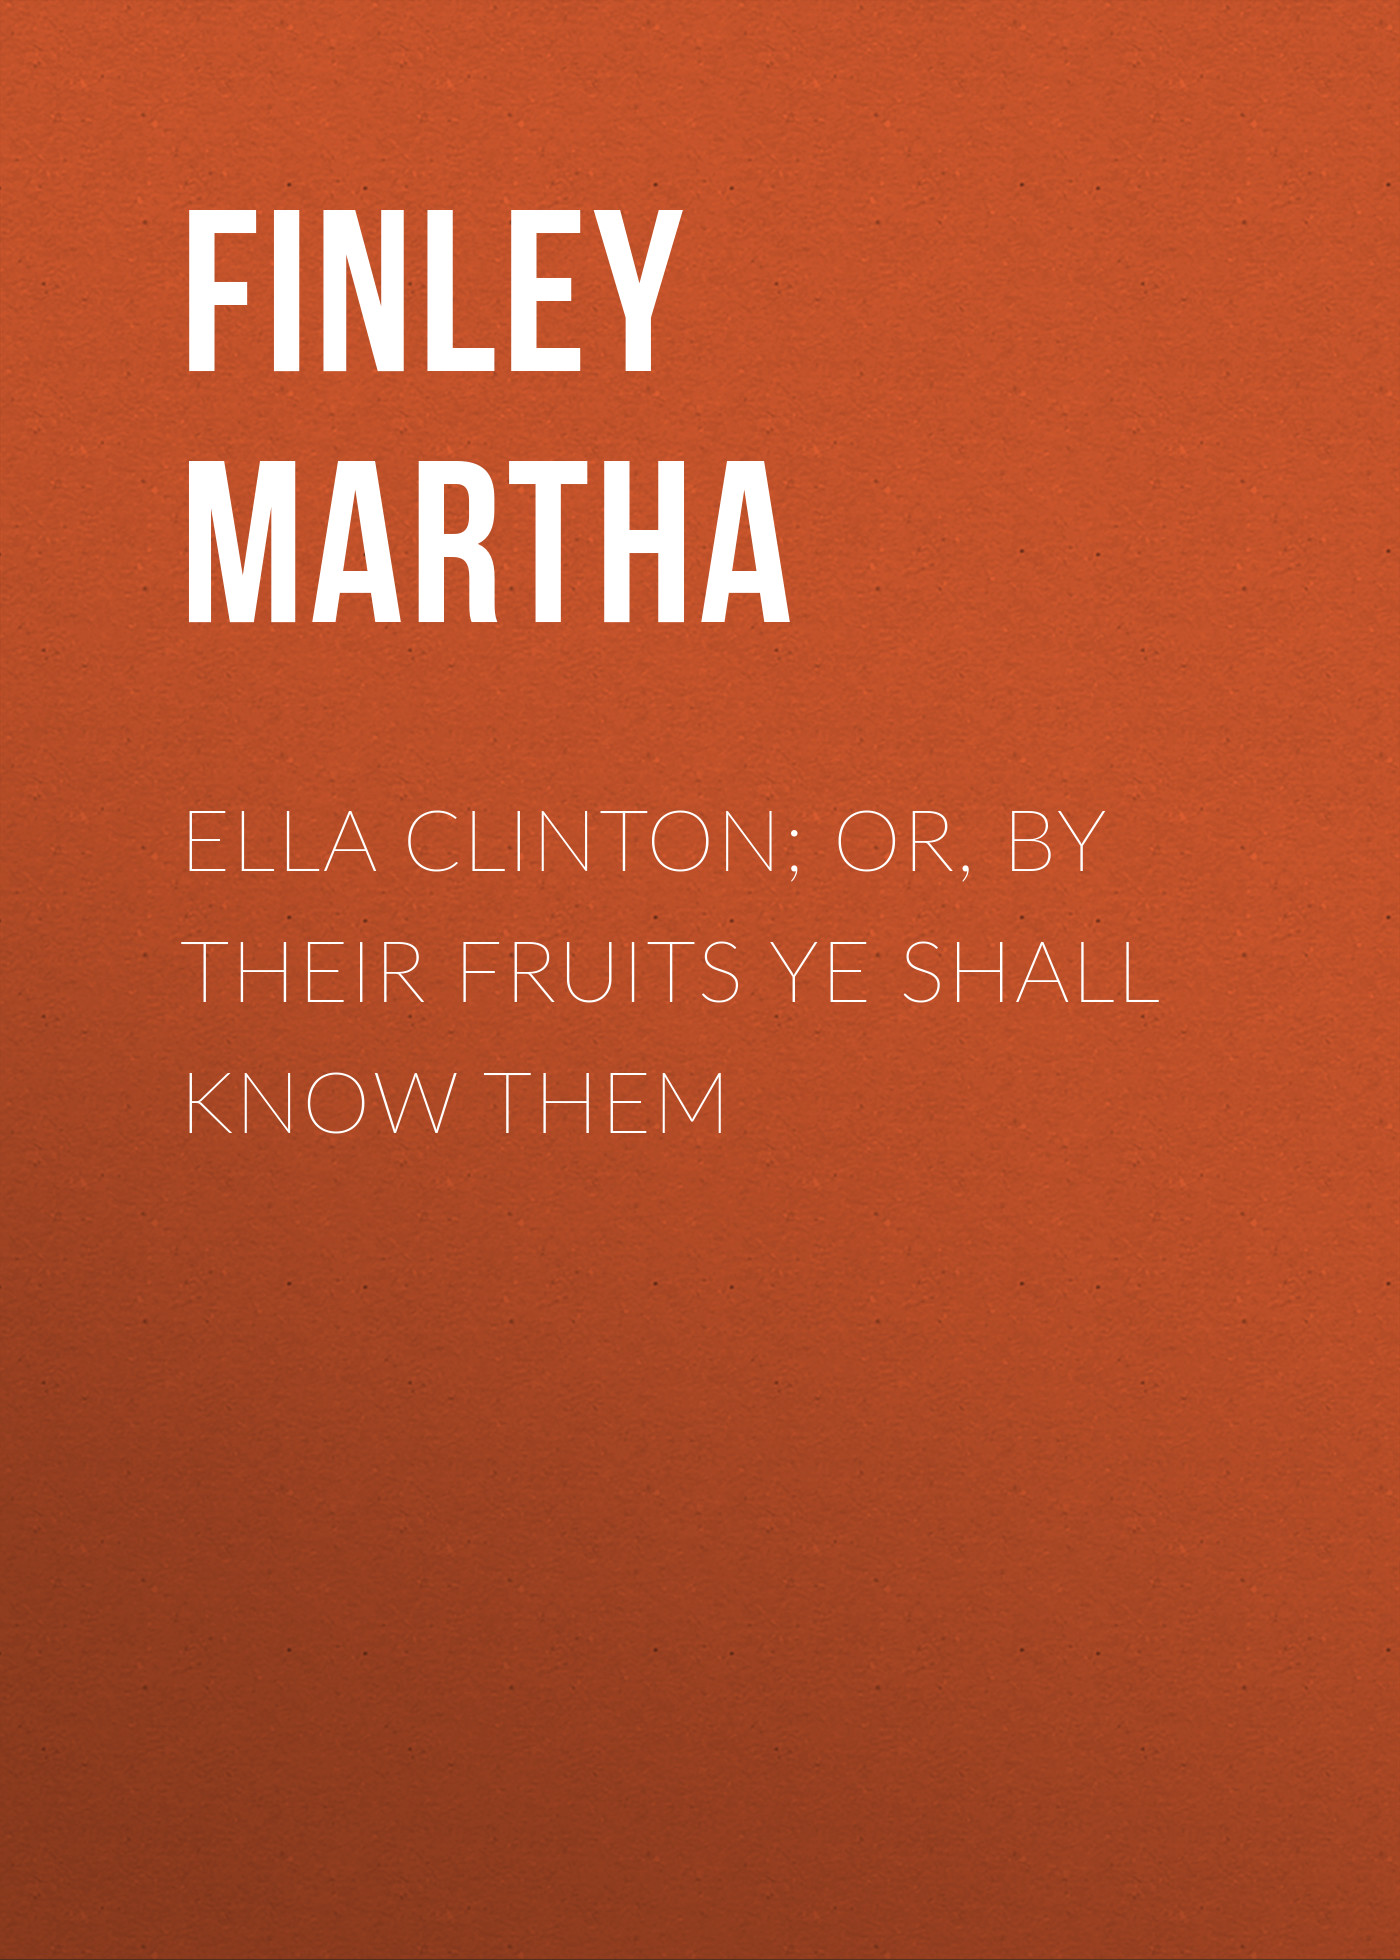 Finley Martha Ella Clinton; or, By Their Fruits Ye Shall Know Them